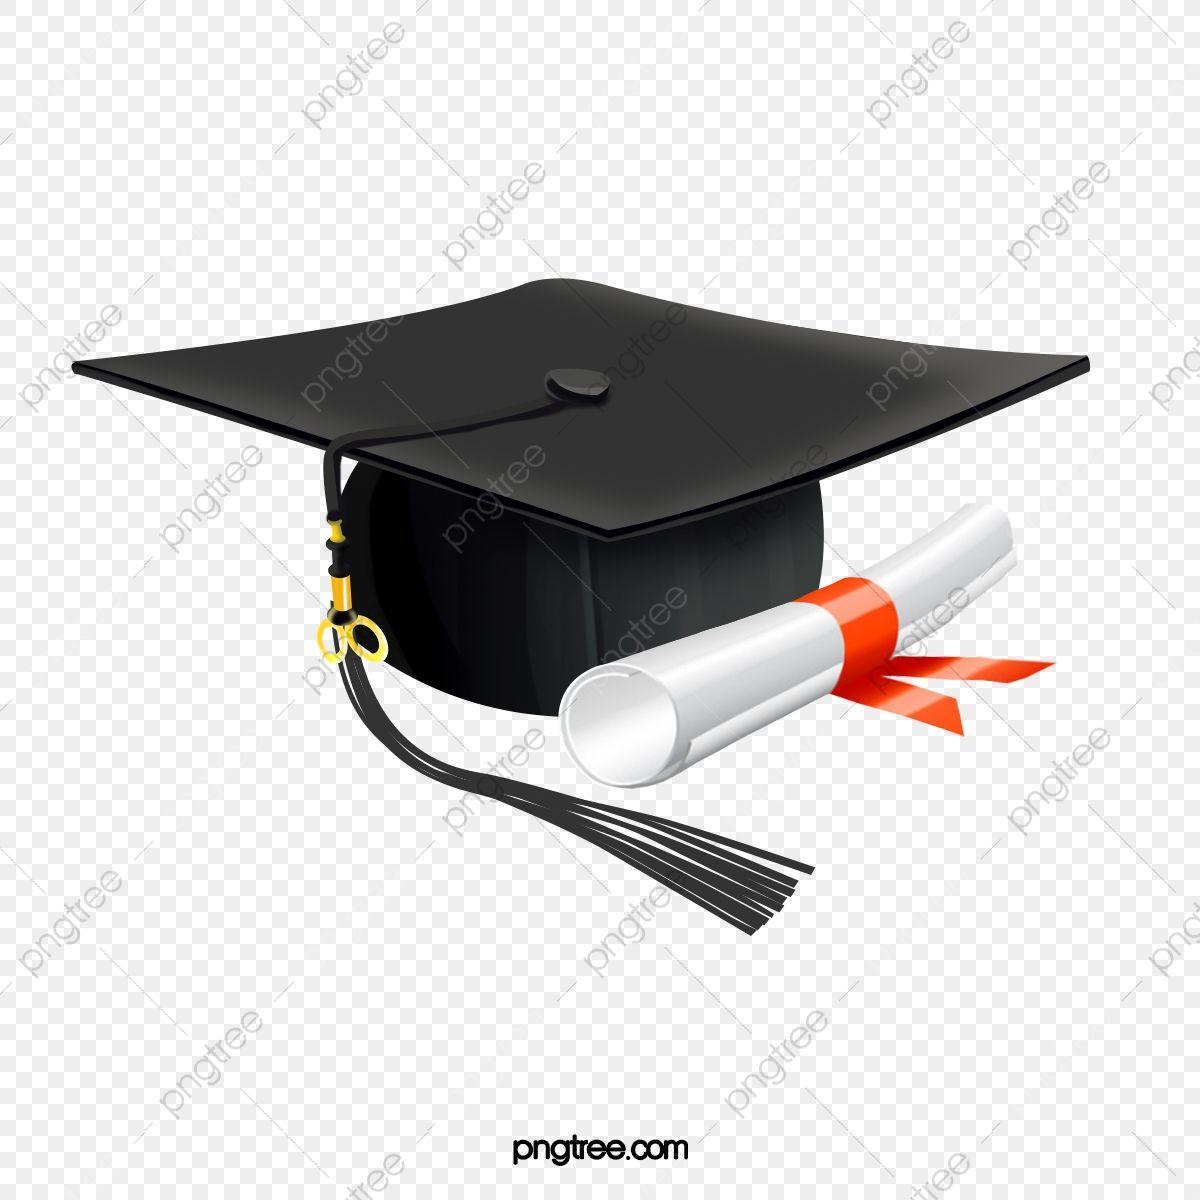 كرتون قبعة التخرج درجة مظلمة صورة فوتوغرافية قبعة التخرج لون غامق Png وملف Psd للتحميل مجانا In 2021 Graduation Cap Clip Art Dark Colors